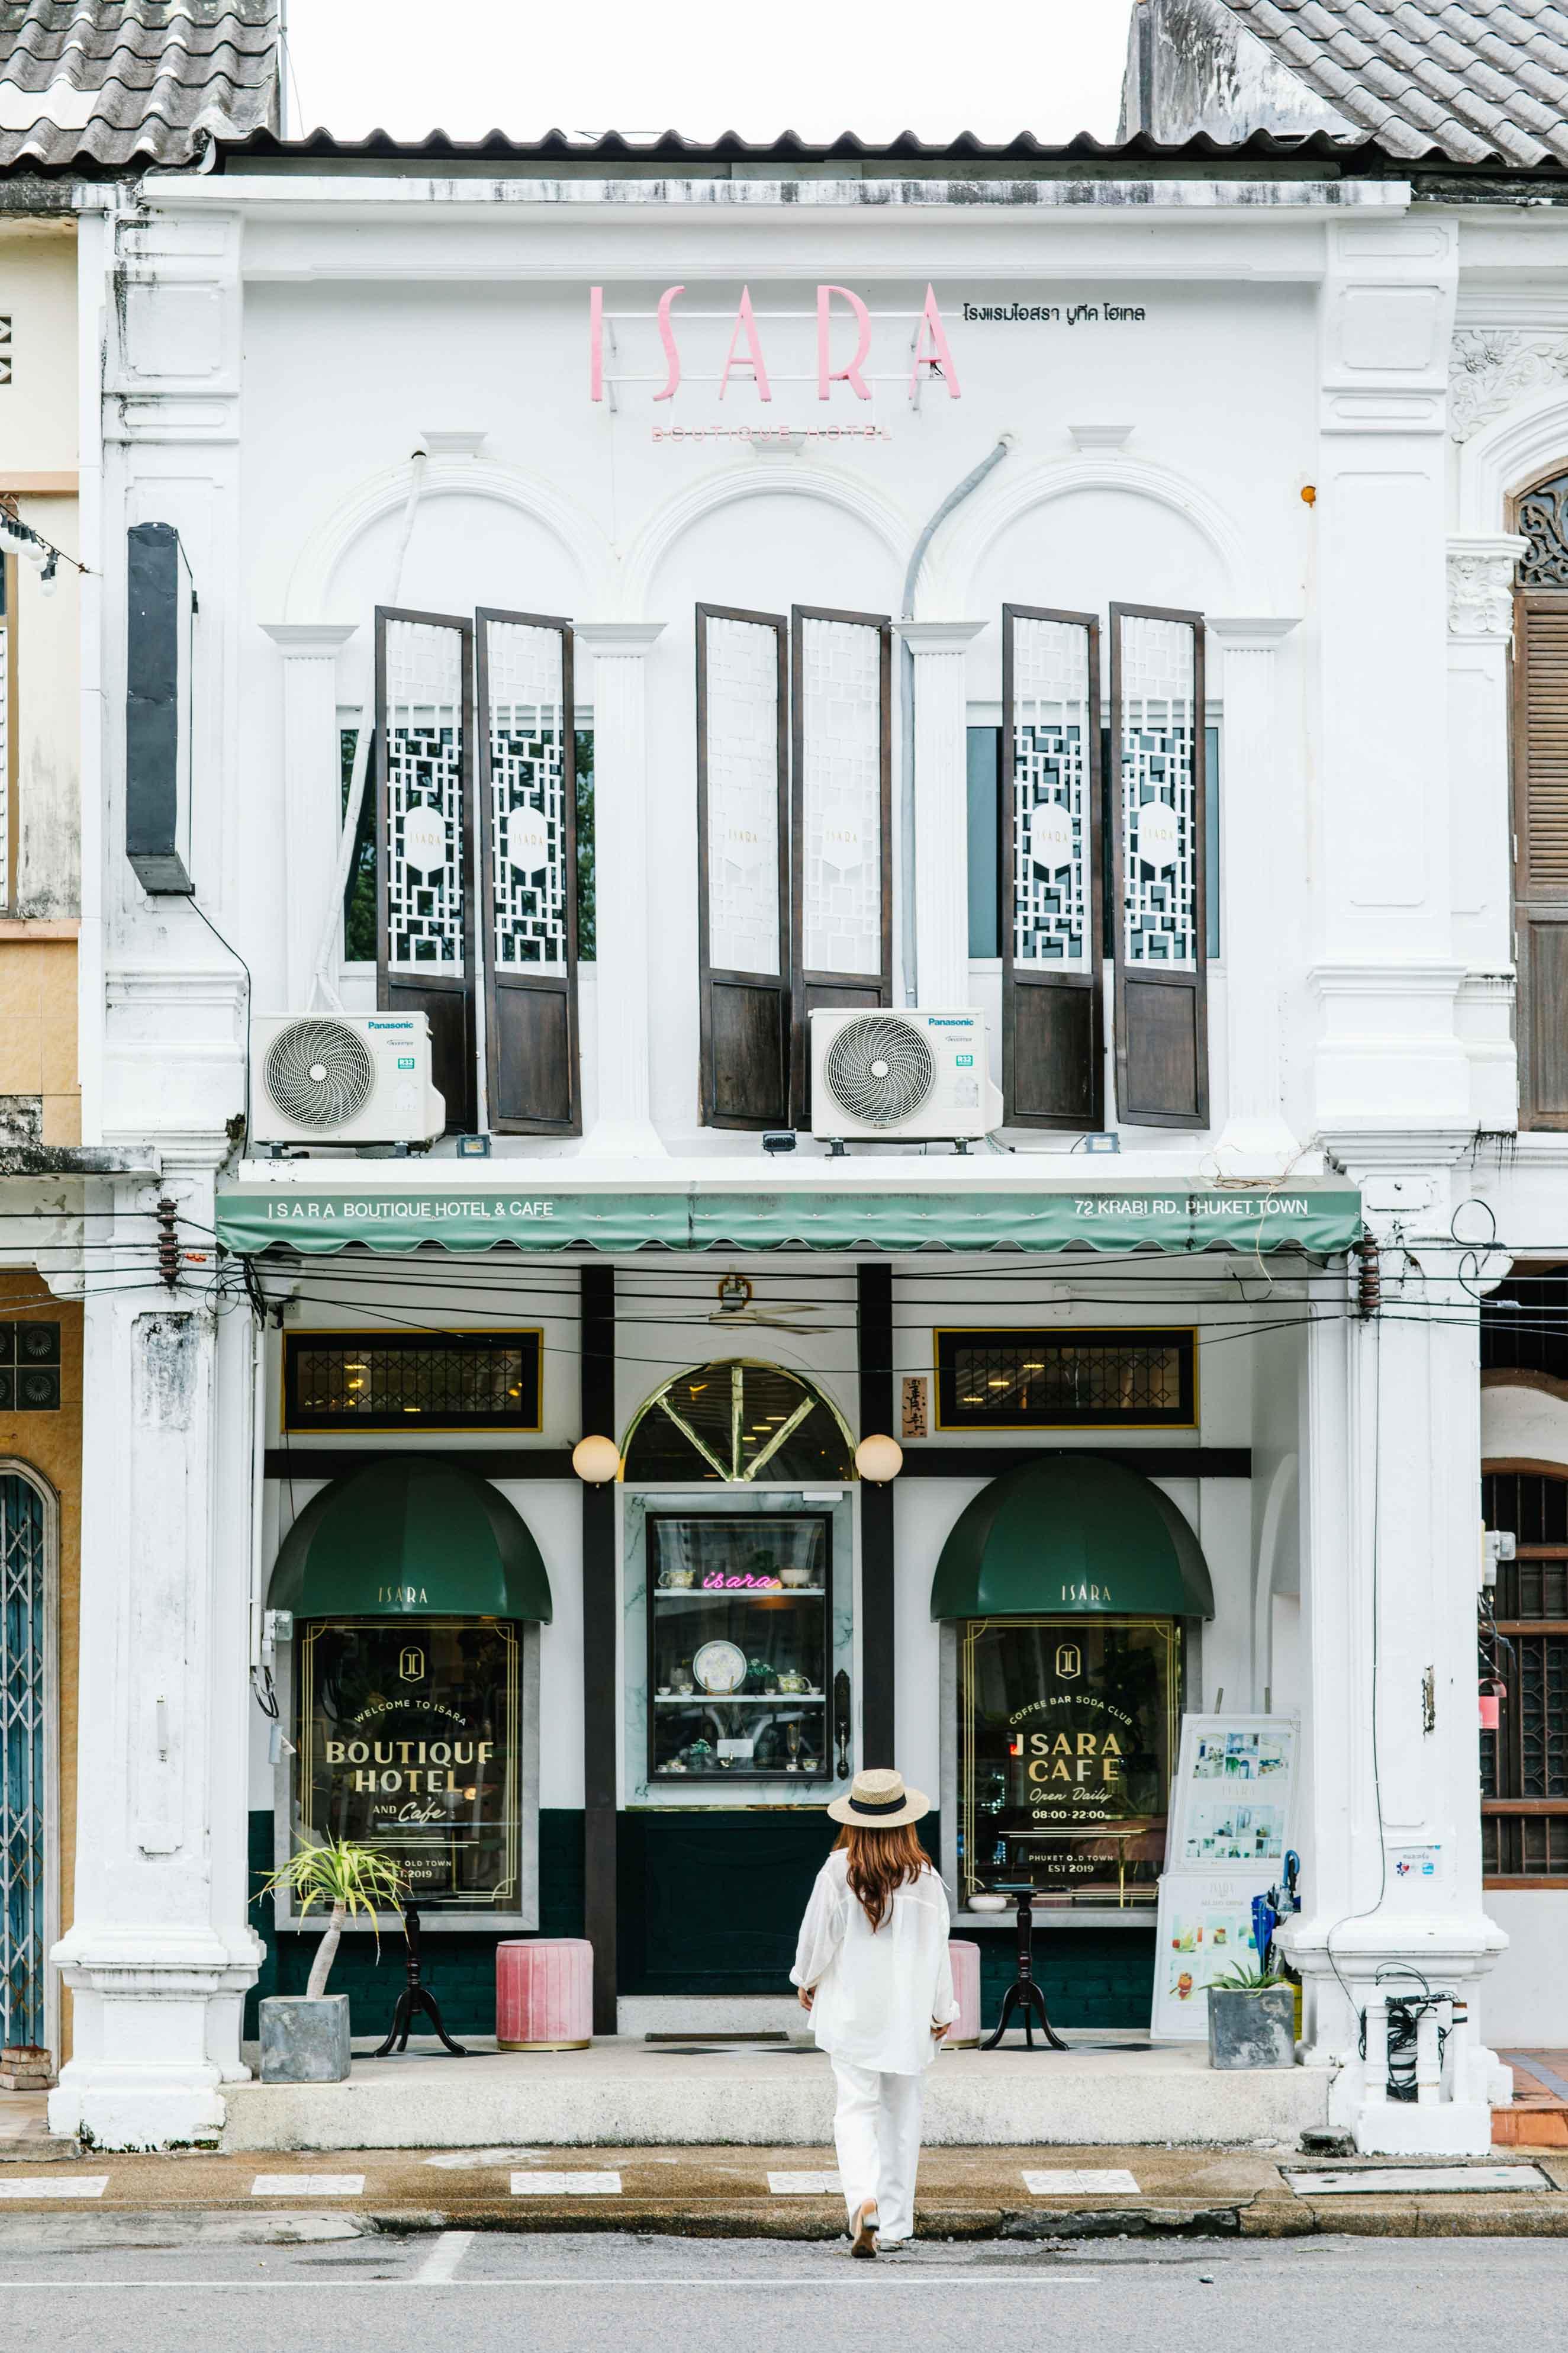 ด้านหน้าดูลึกลับแต่สวย-สีเขียวเข้มปนทอง-ตัวตึกสีขาว บอกเลยว่าโทนนี้สวยหรู-ดูแพง-Luxury-มากมาย-แต่ราคาไม่แรงนะ-บอกเลยว่าคุ้มจริงอะไรจริง ที่พักภูเก็ตเมืองเก่า,ชิโนโปรตุกีส,ที่พักเมืองเก่า